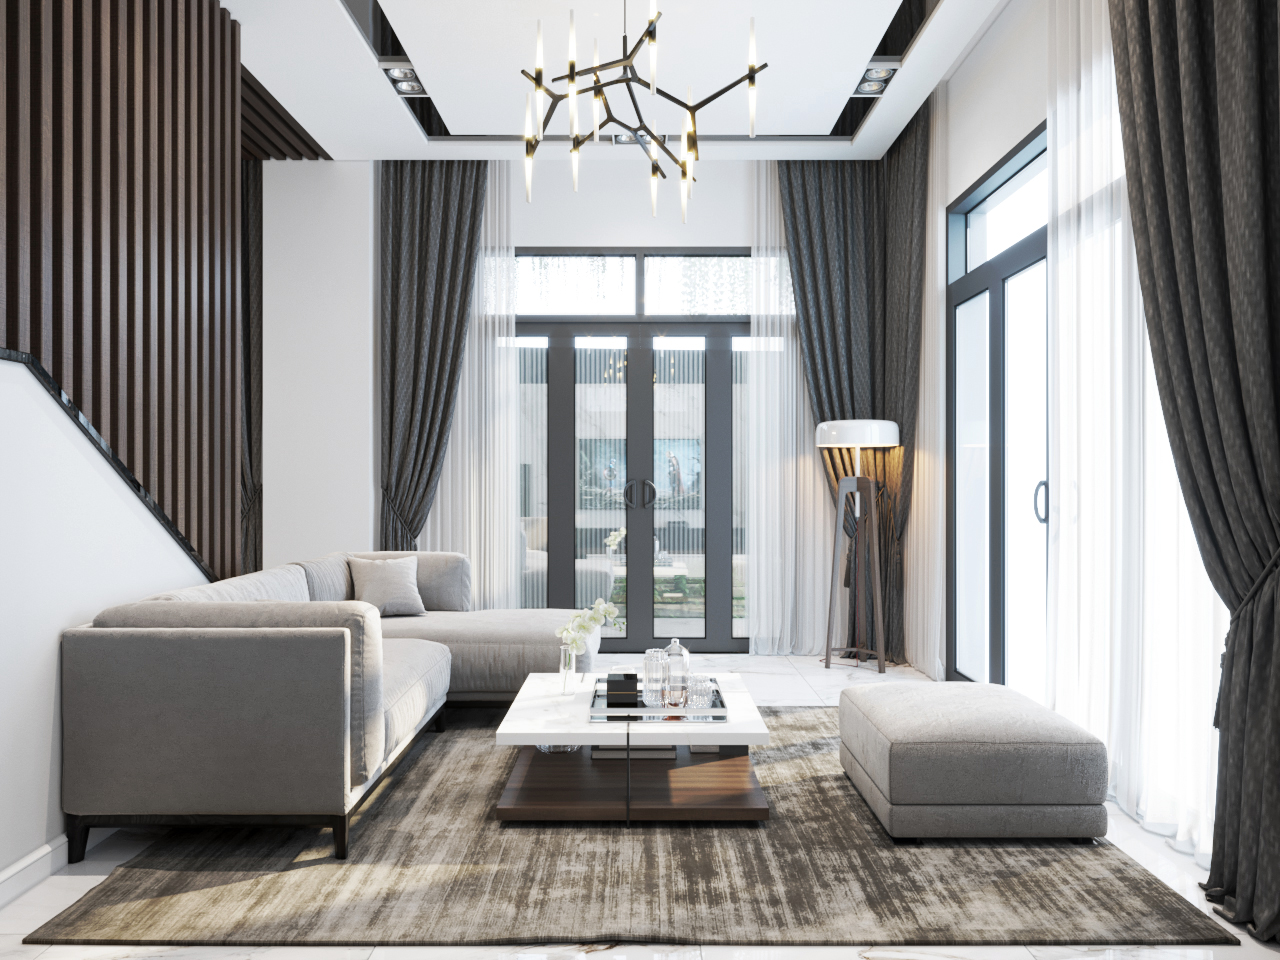 thiết kế nội thất Nhà Mặt Phố tại Hà Nội Nhà Phố - Văn Tiến Dũng 4 1562827641